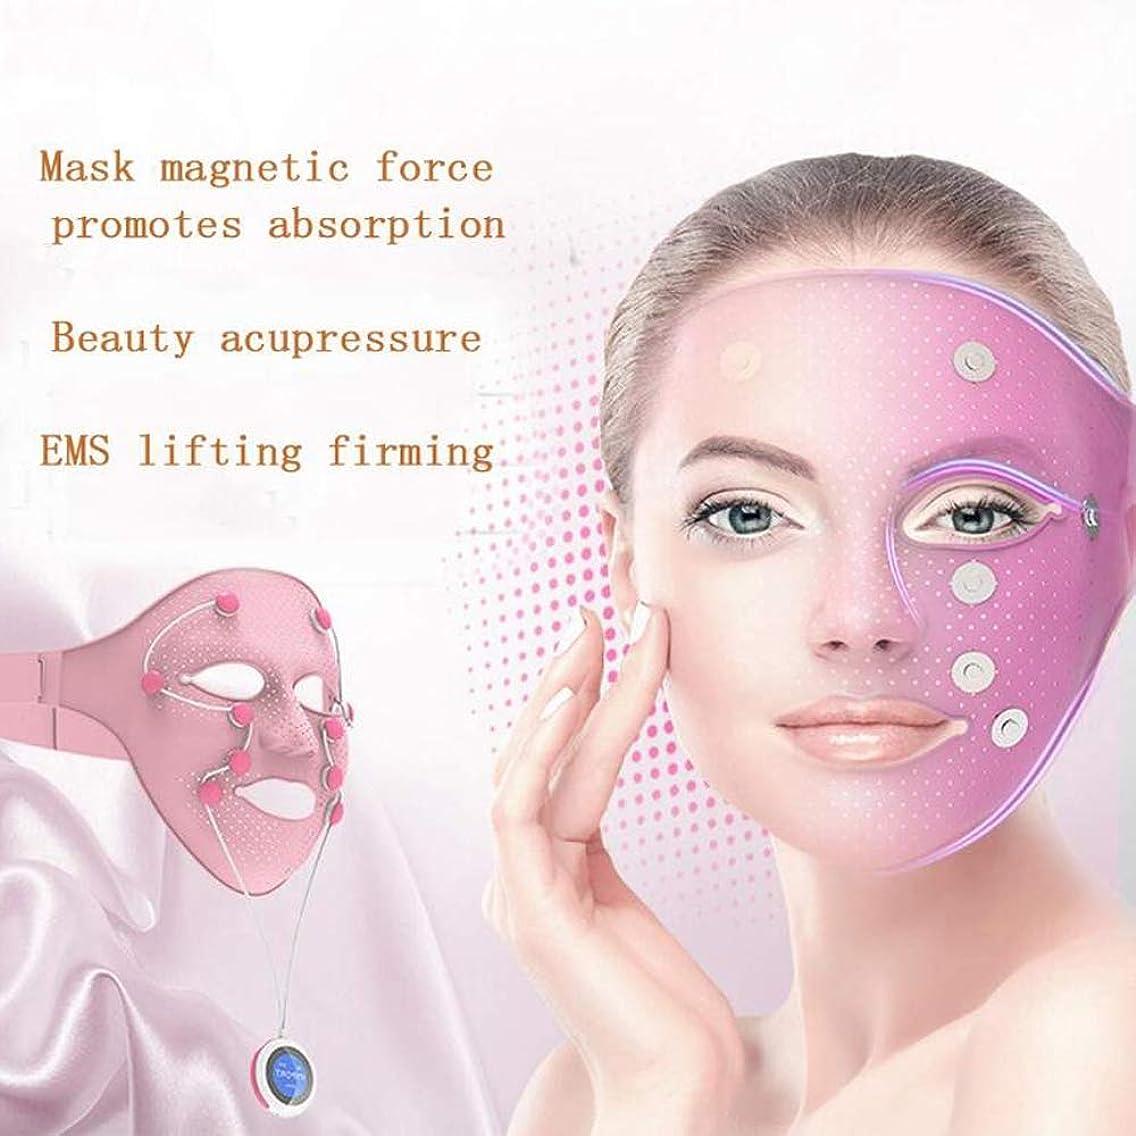 マスクインストゥルメント美容マスクマスク紹介若返りEMSフェイスリフトフェイシャルデトックス美容機器マスクマシン